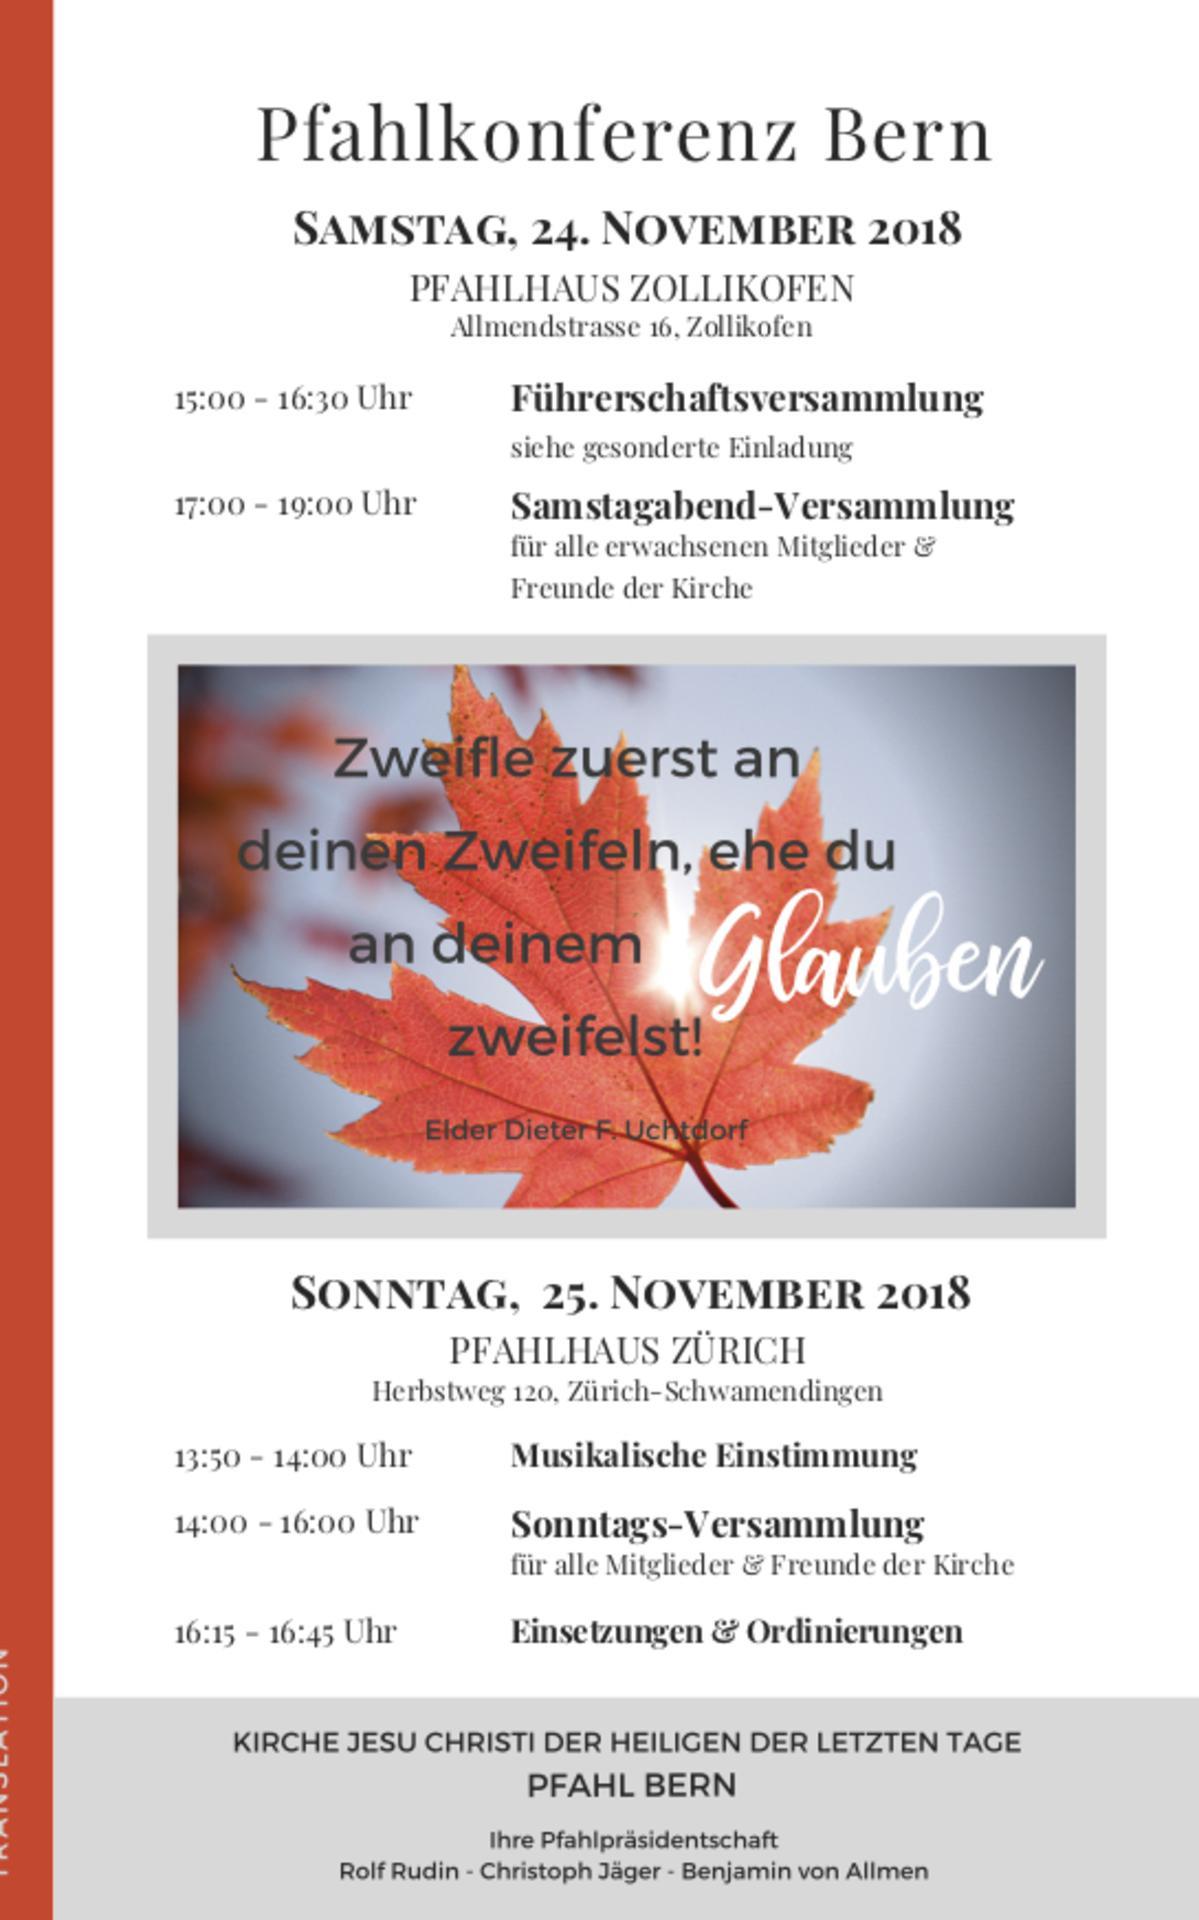 Pfahlkonferenz Bern